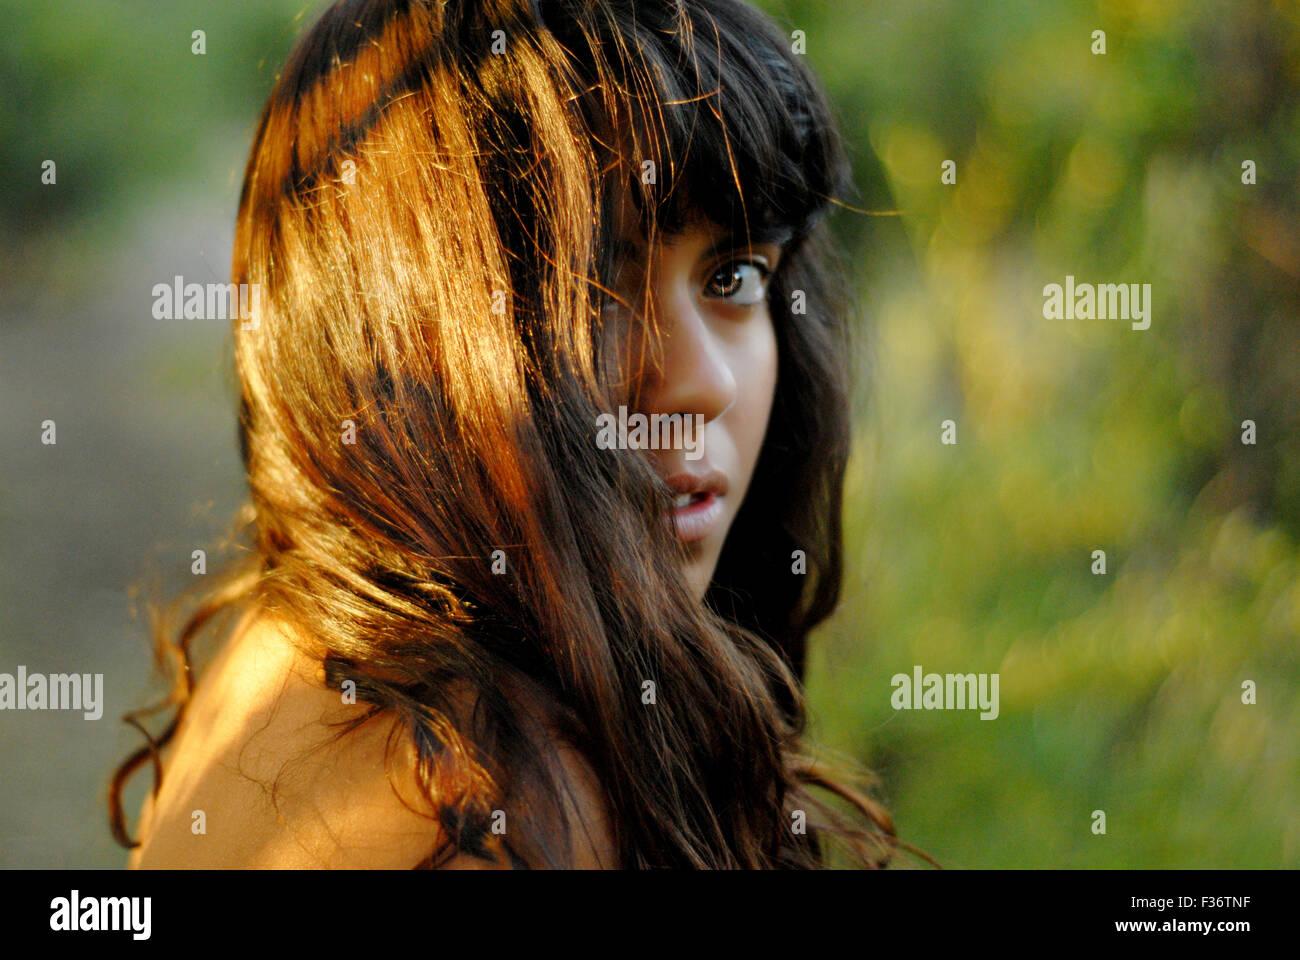 Chica salvaje con ojos verdes en medio de la selva profunda mirada deslumbramiento Imagen De Stock